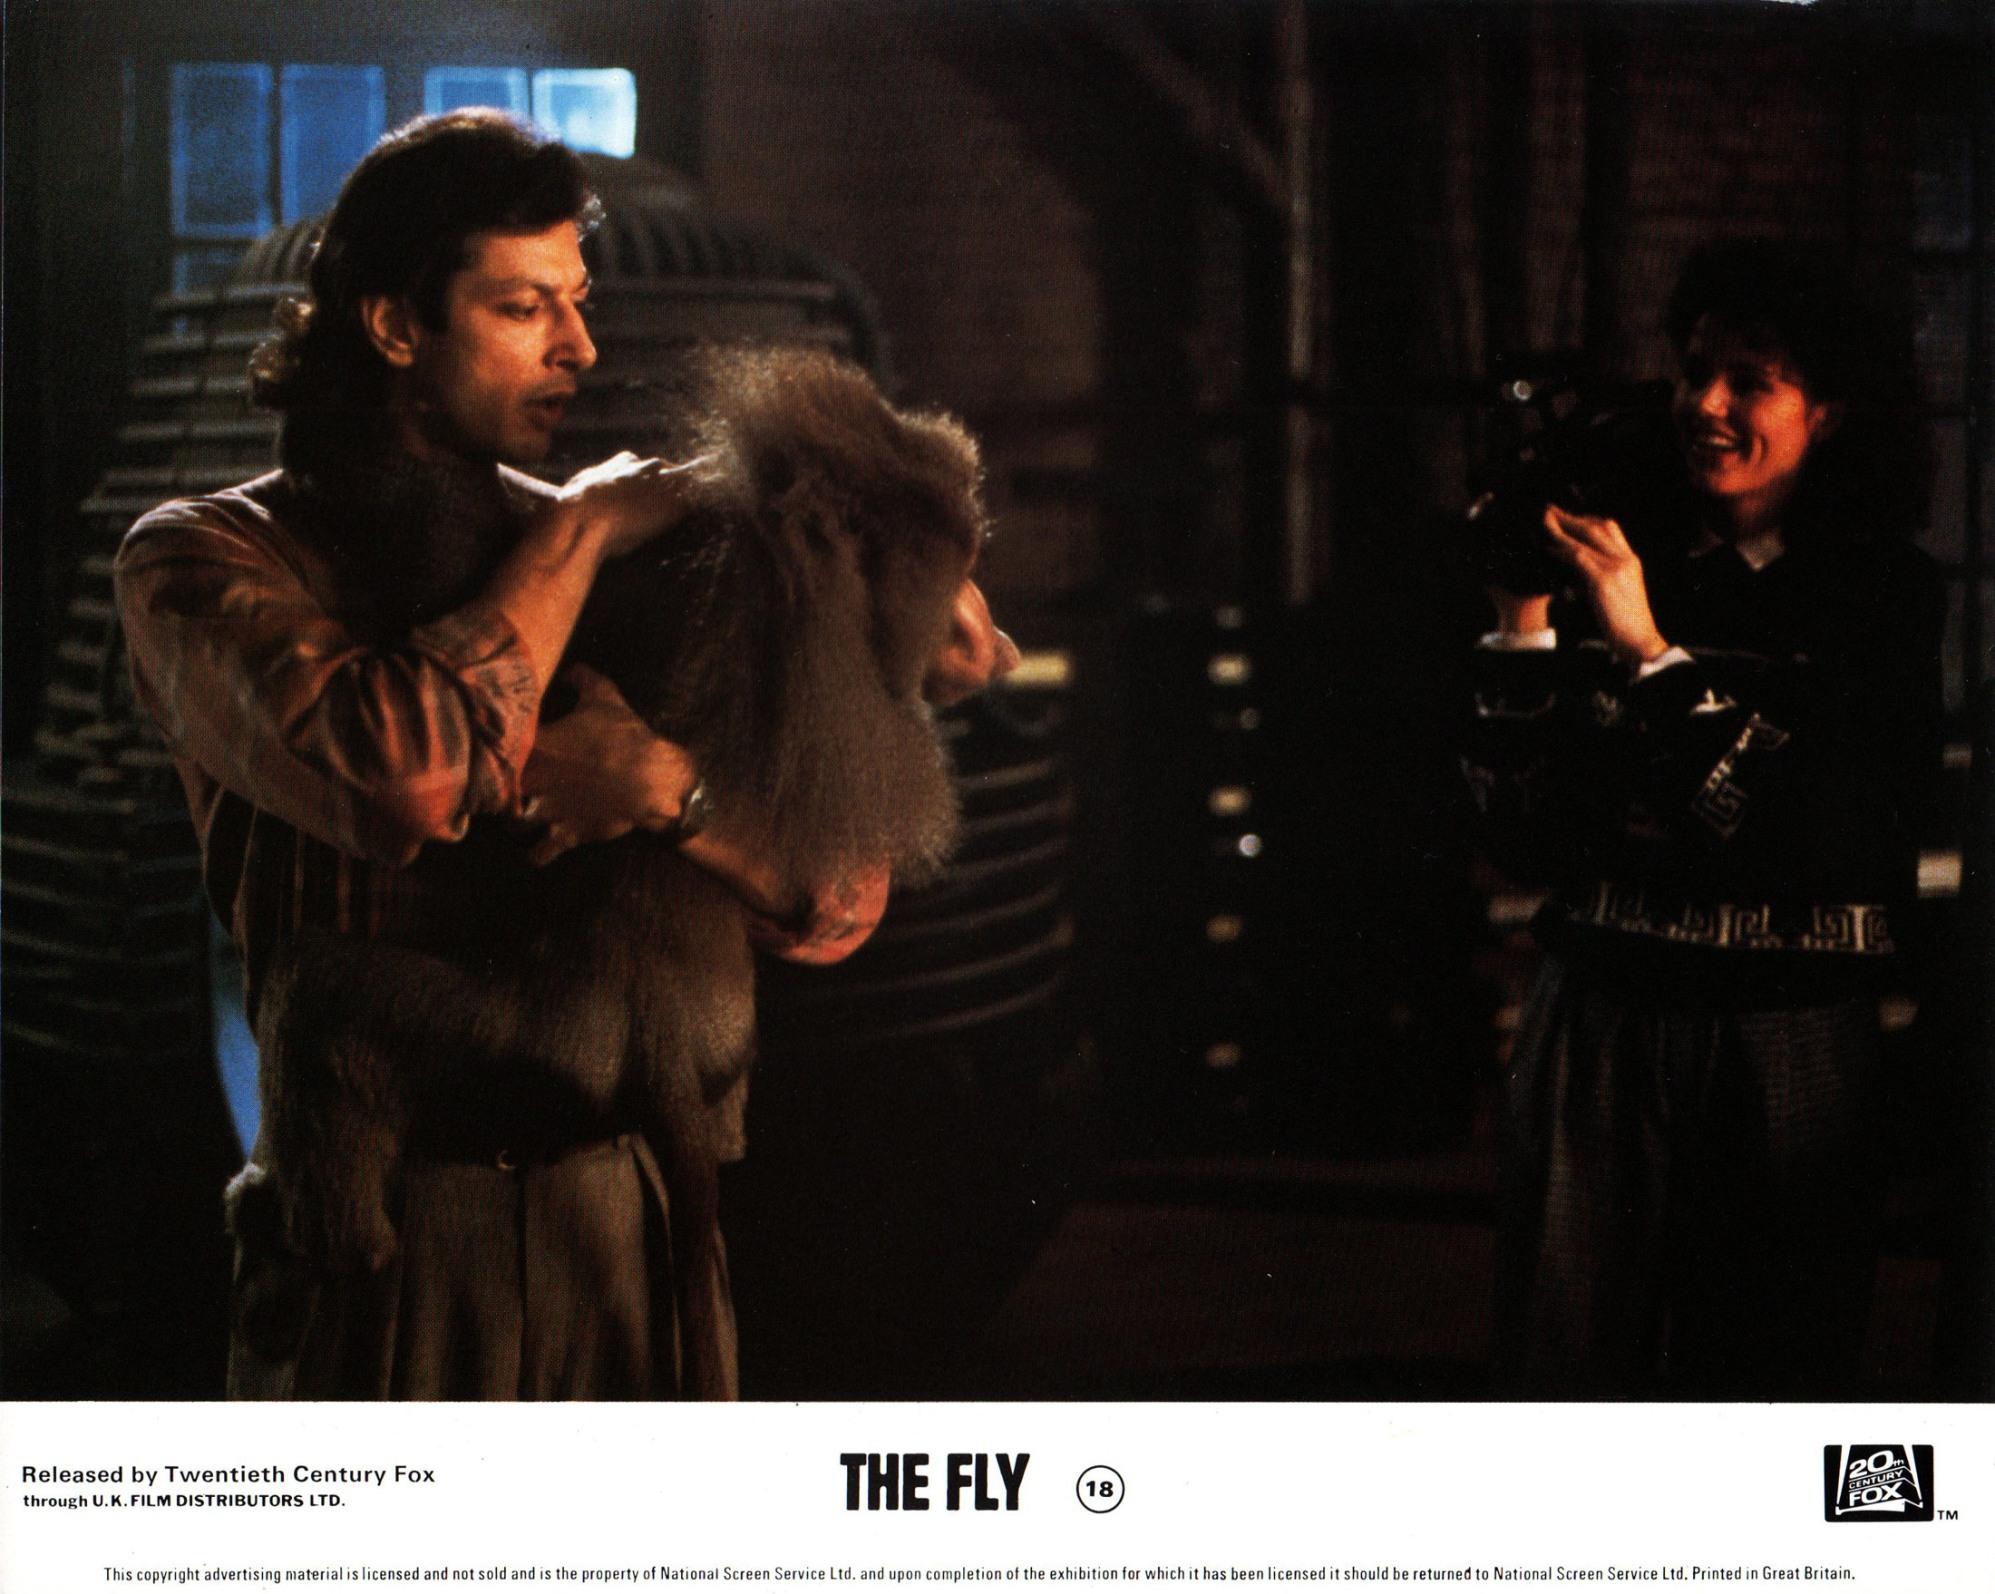 thefly_uk-3